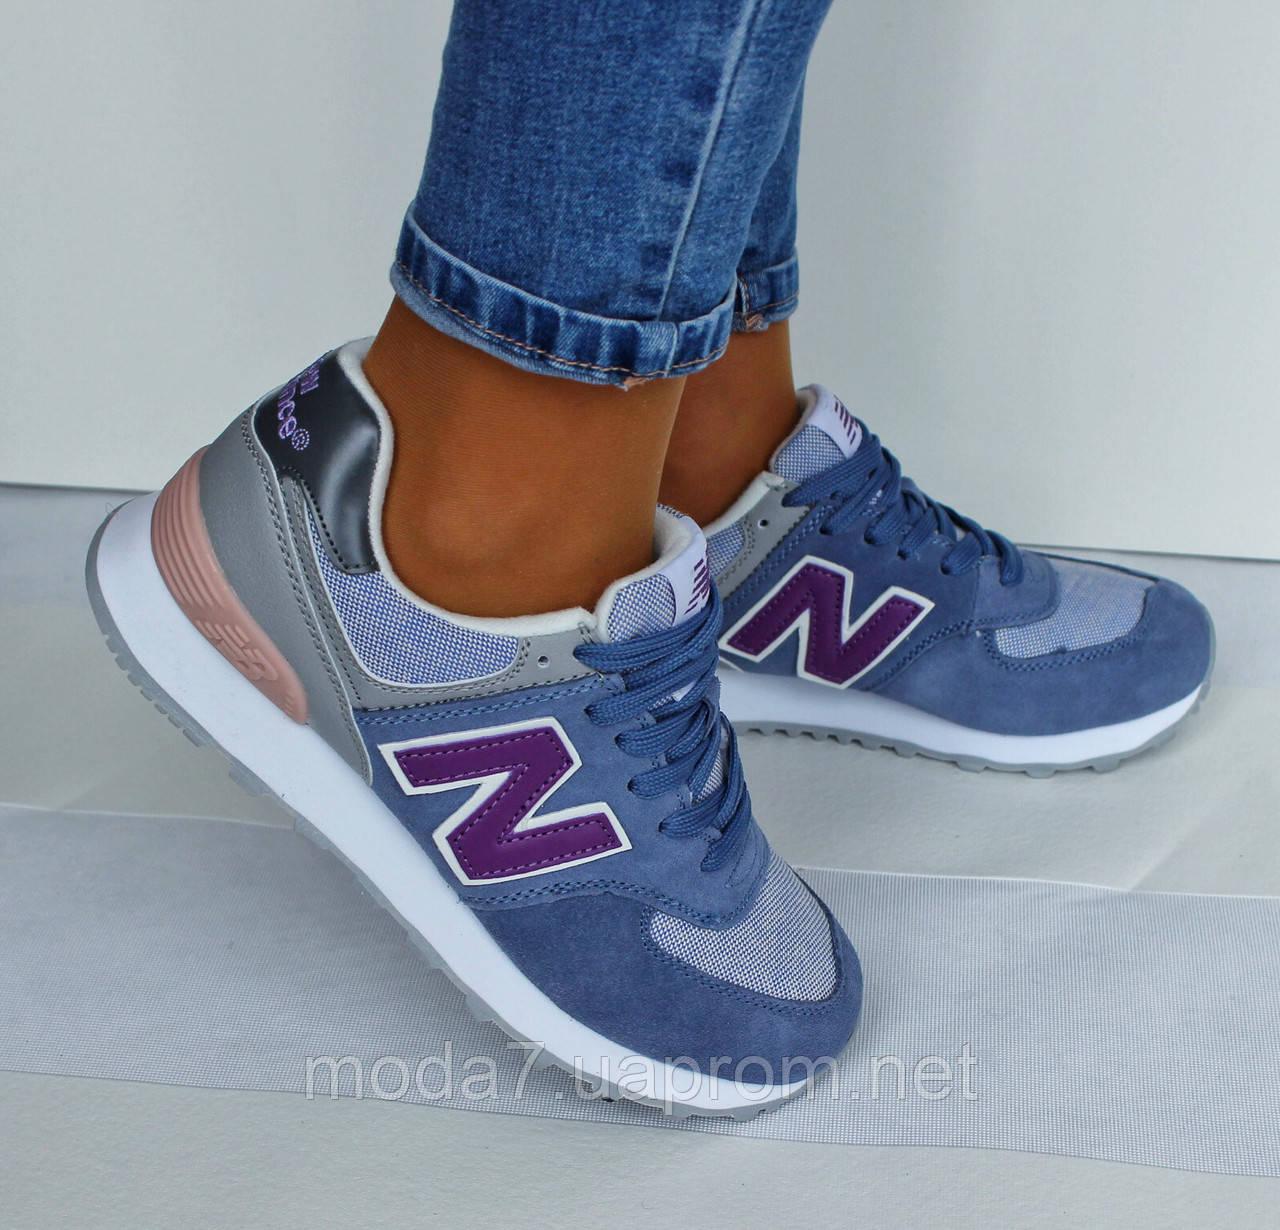 Женские кроссовки New Balance нат. замша сетка нежно голубые реплика ... c3c4217ea3672